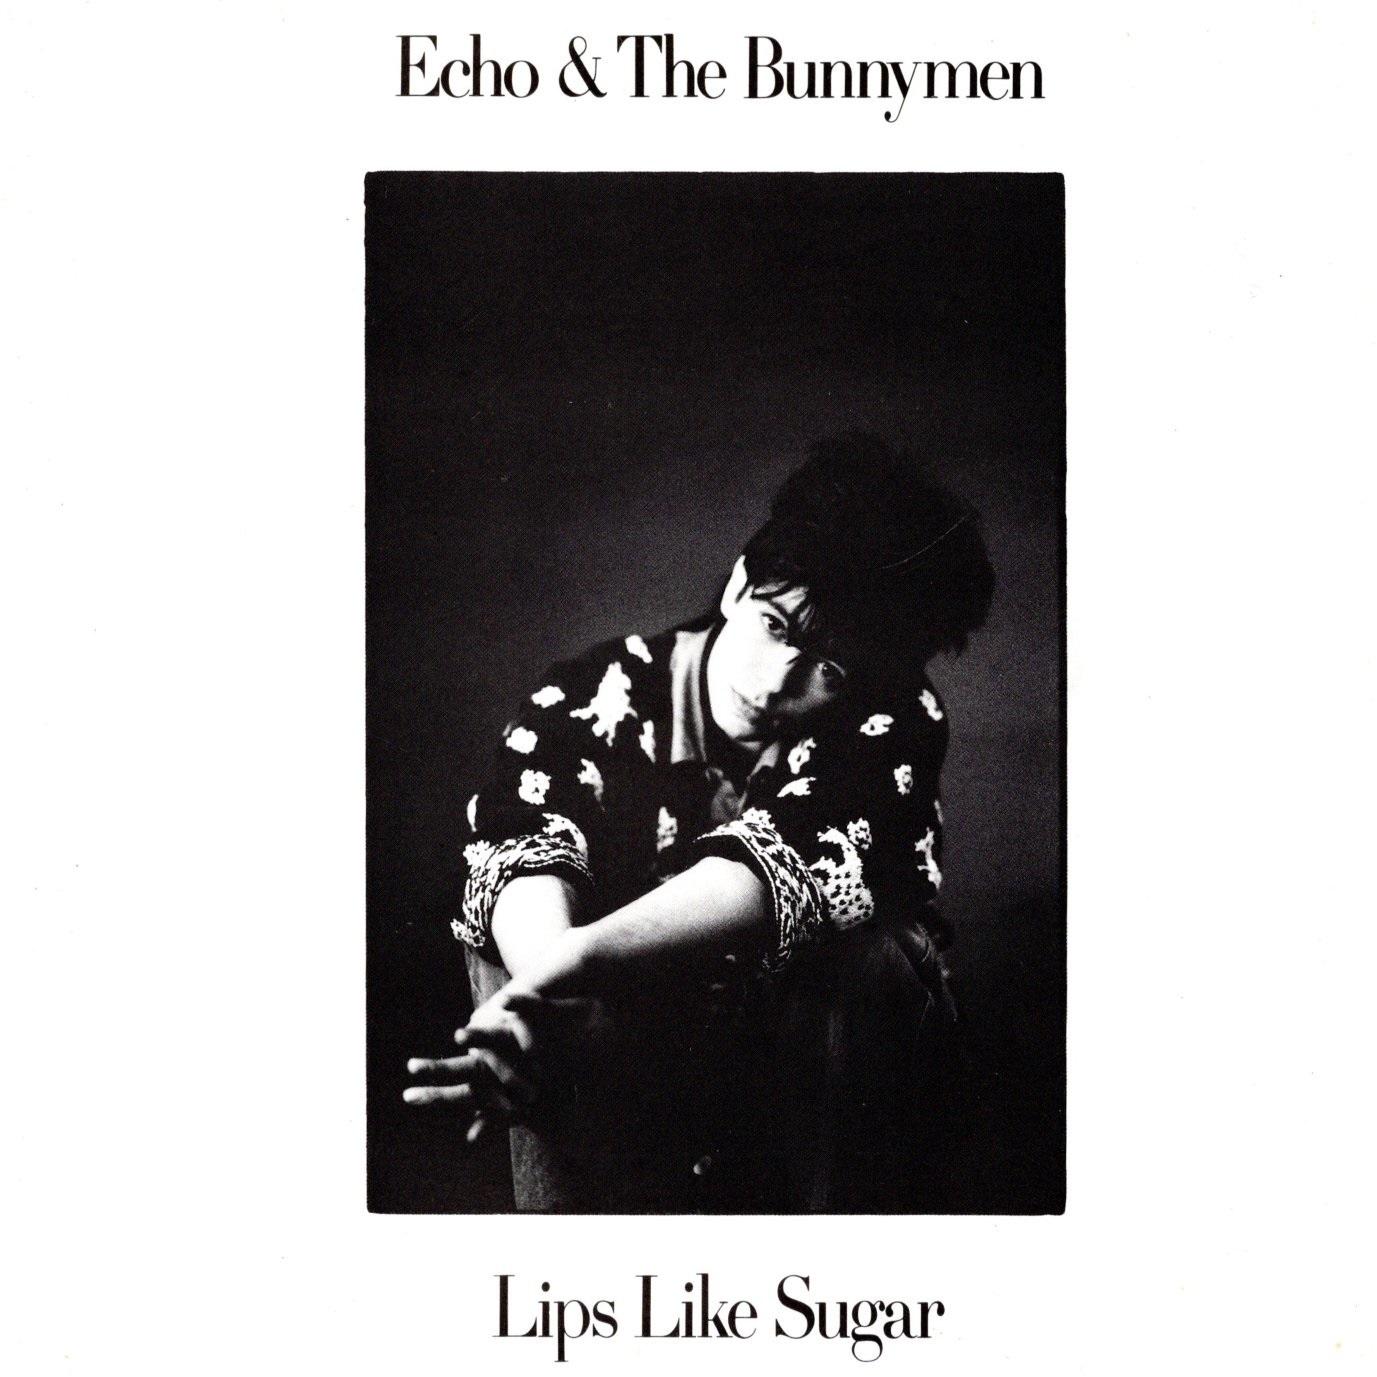 【7inch・英盤】Echo & The Bunnymen / Lips Like Sugar